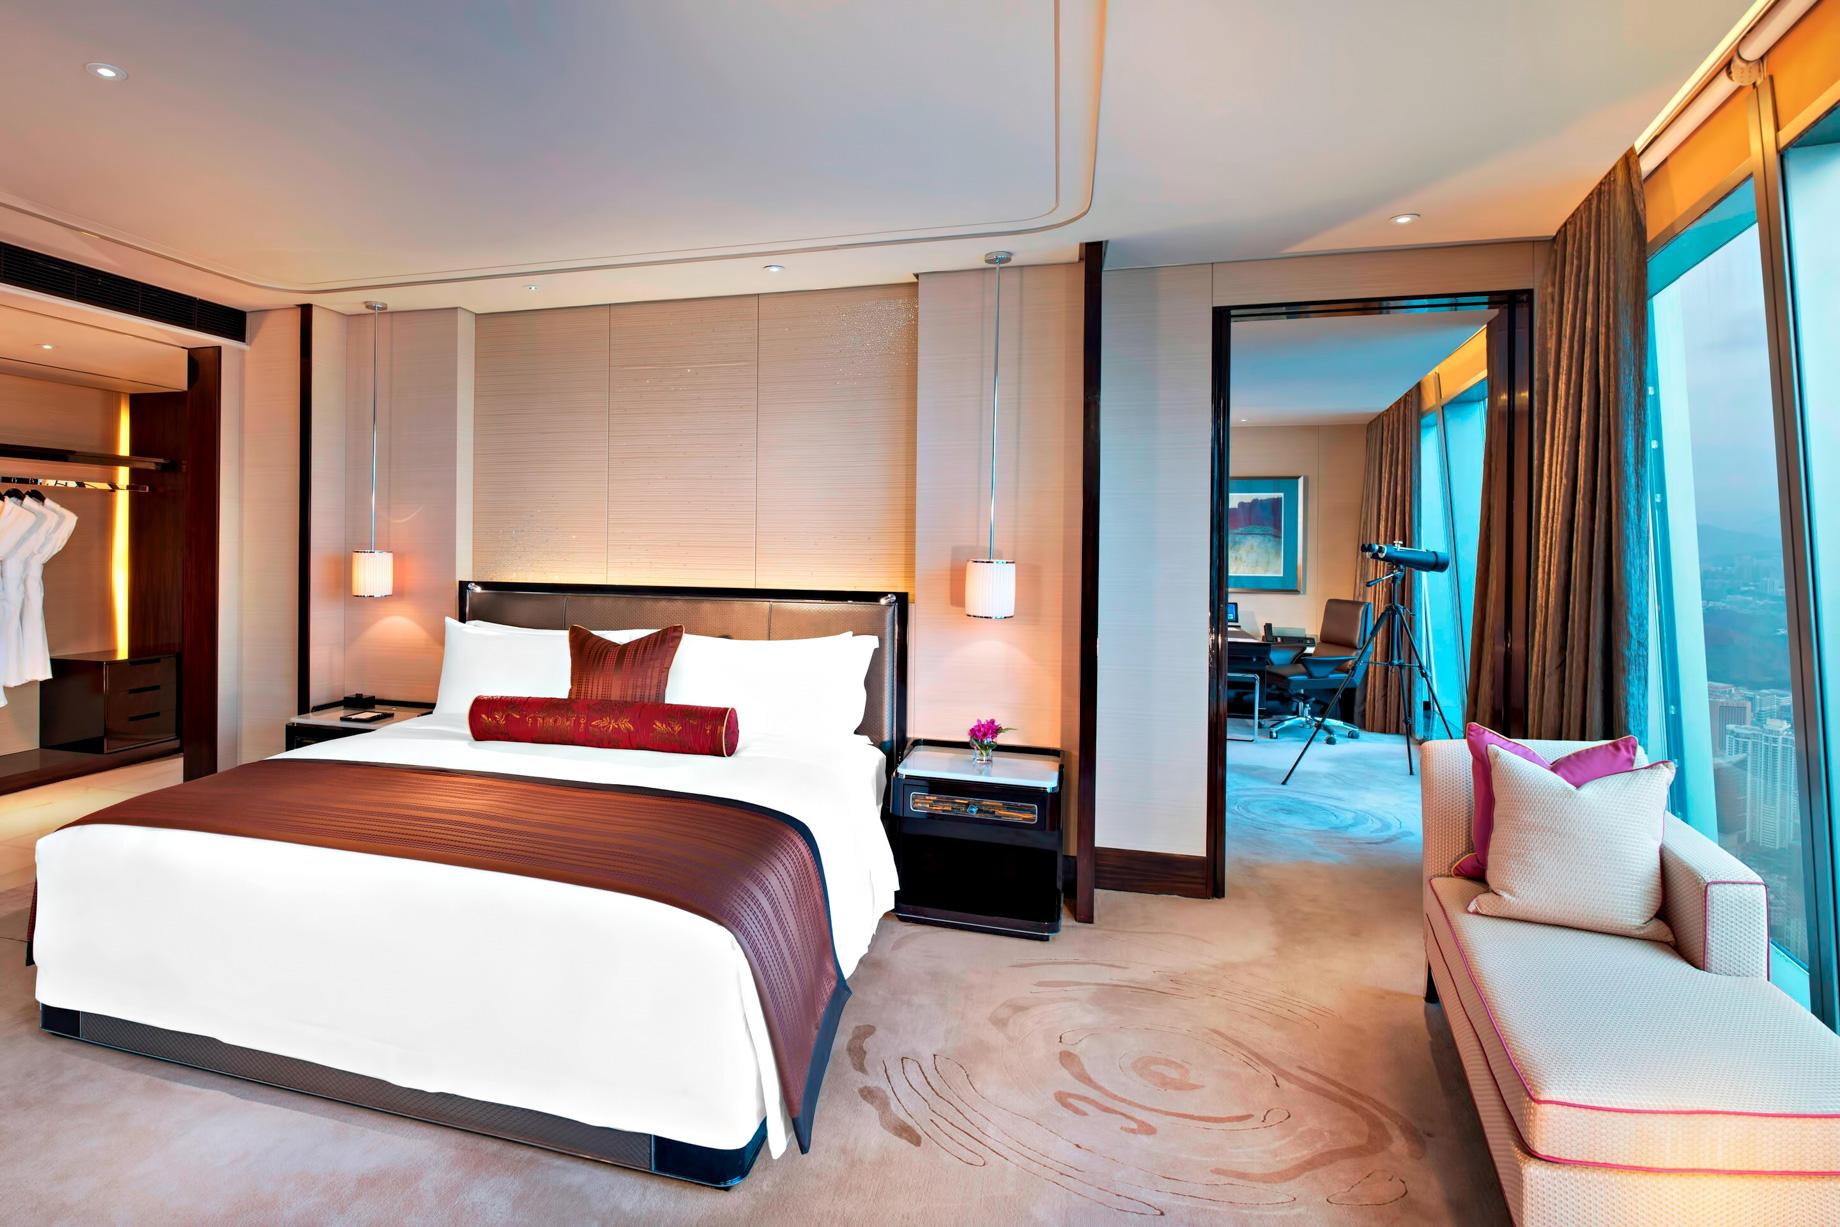 The St. Regis Shenzhen Luxury Hotel – Shenzhen, China – Caroline Astor Suite